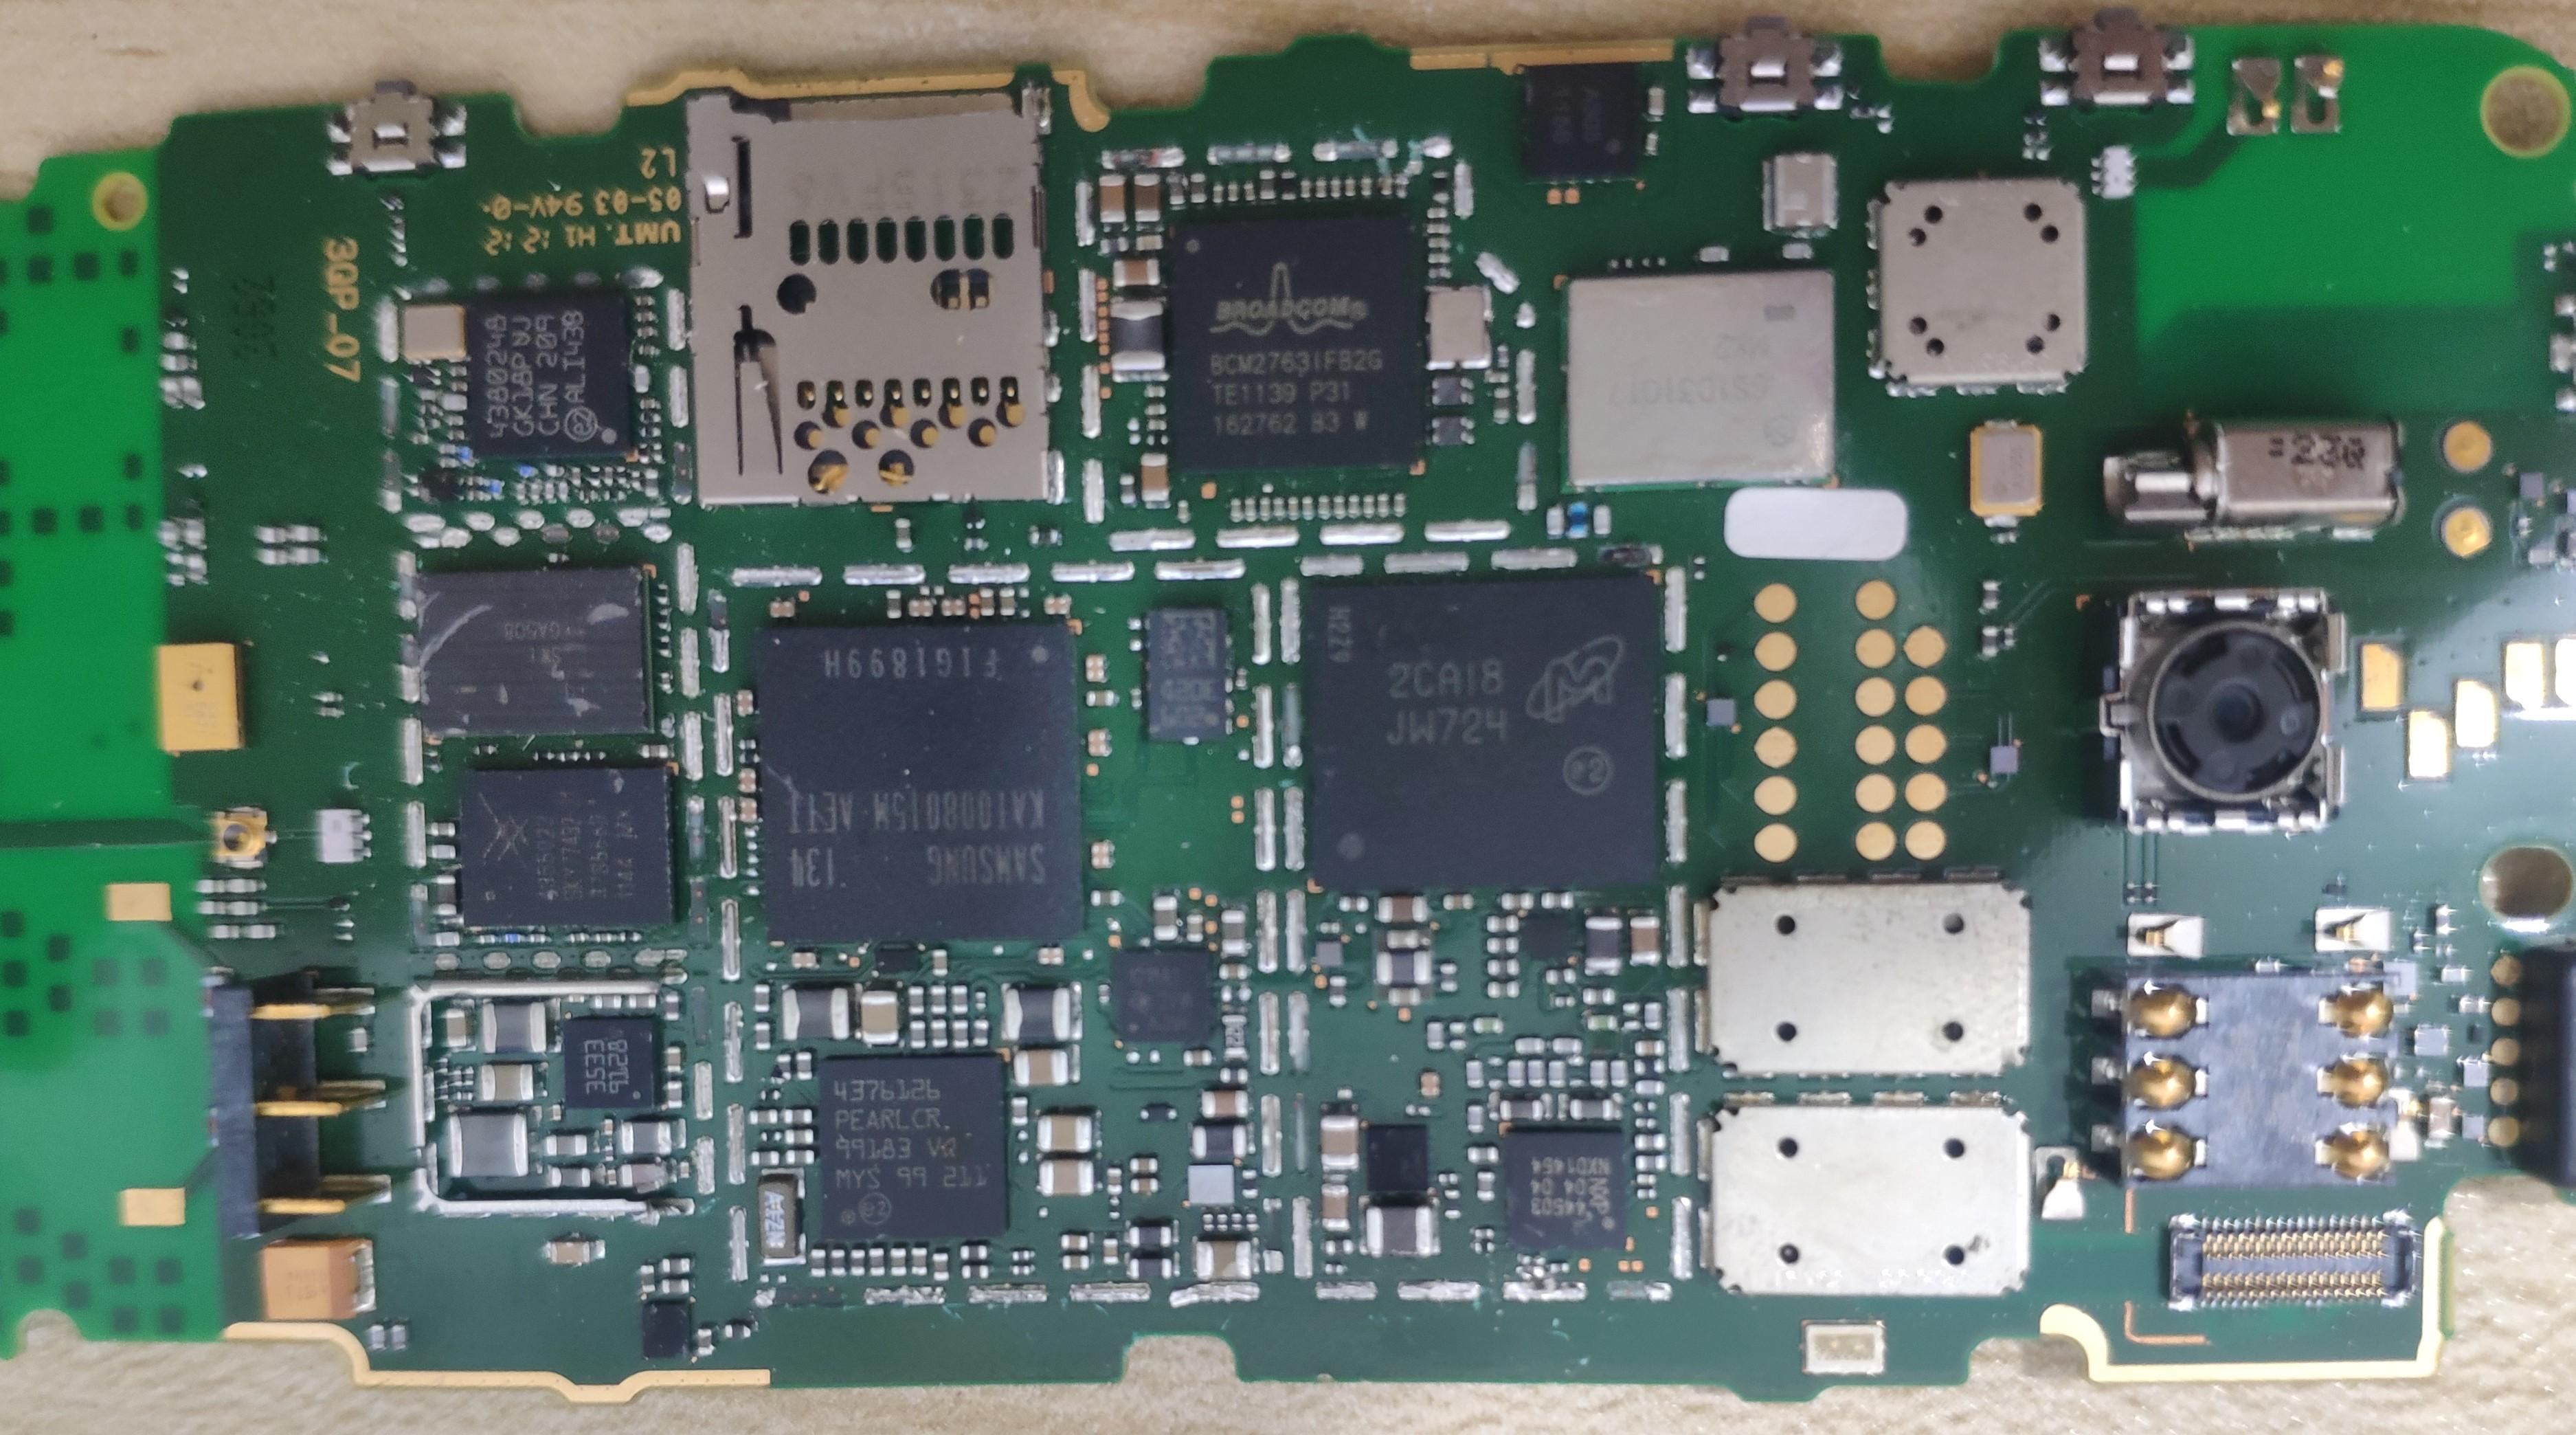 双CPU的诺基亚603拆解与两个CPU的解析